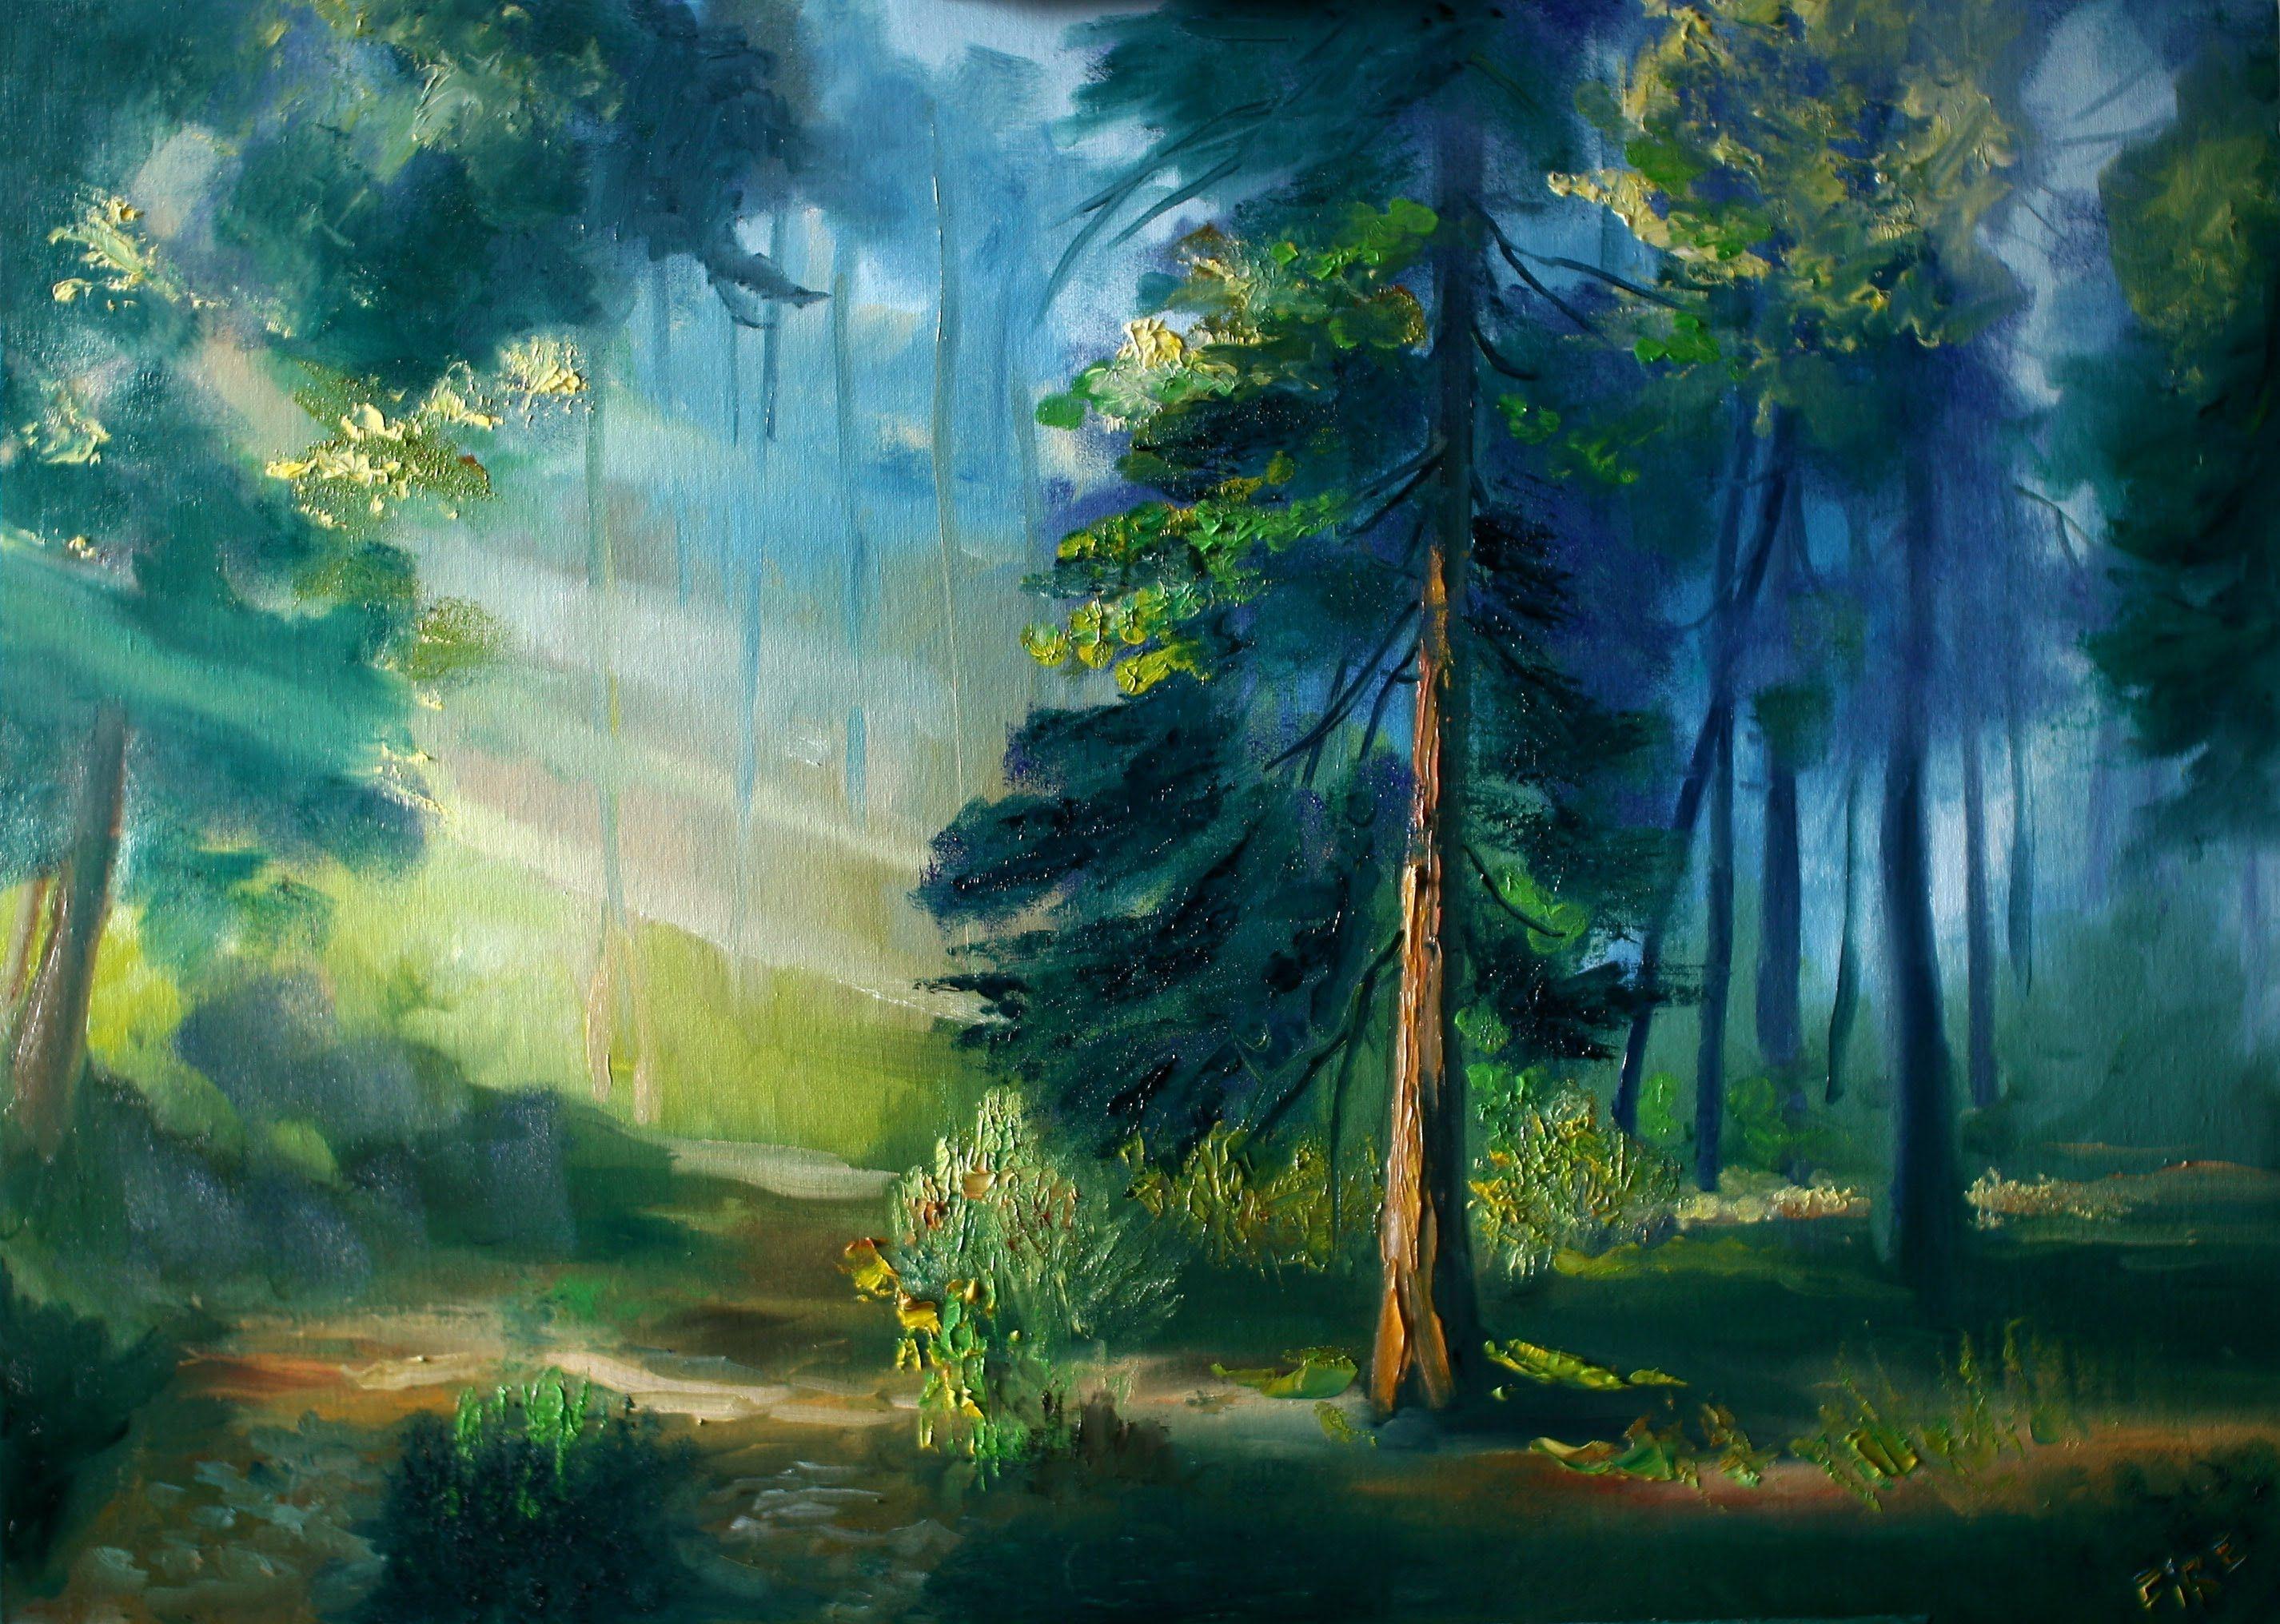 картинки лесной пейзаж рисунок шишечки, превращают